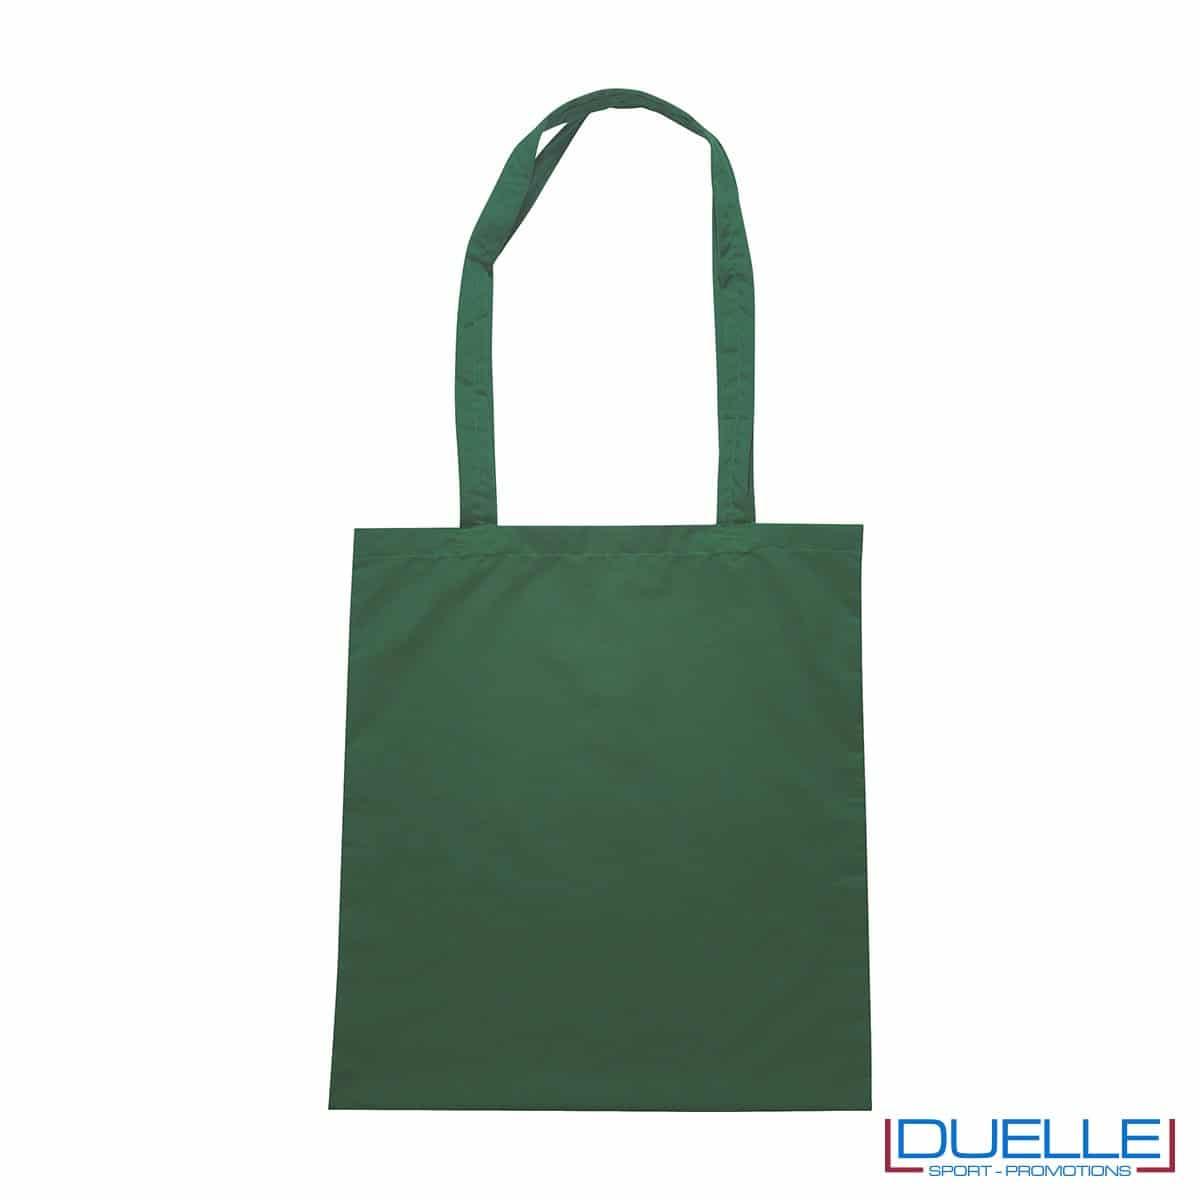 Shopper Personalizzate in cotone Canvas Pesante, Borse Economiche Personalizzate, Gadget Personalizzati, gadget Aziendali